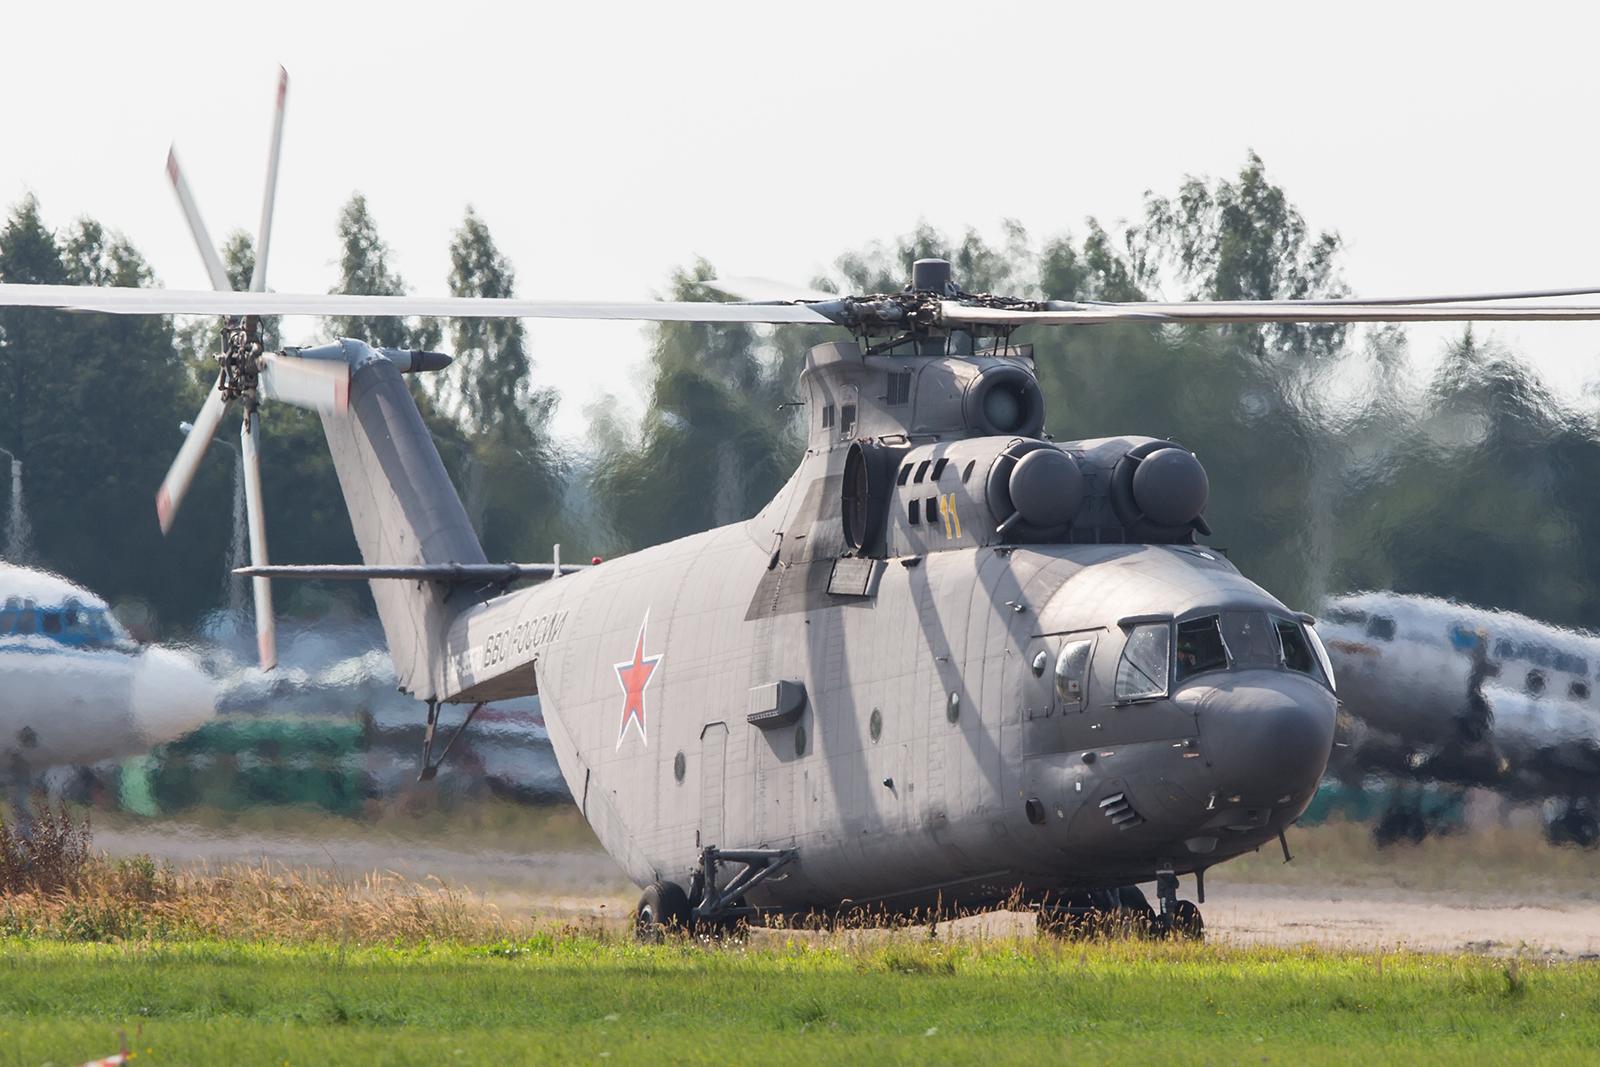 Der gigantische Mil- Mi-26.